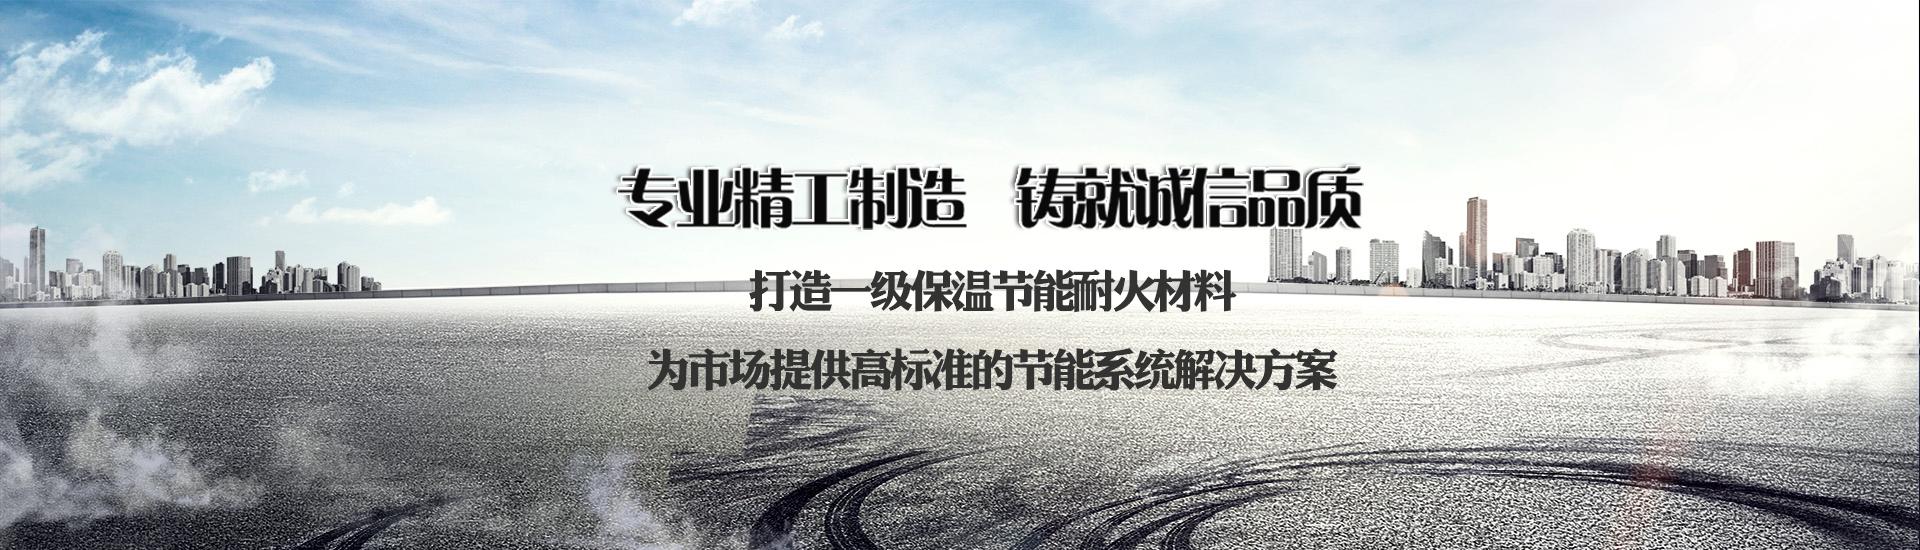 广东杰孚节能科技有限公司